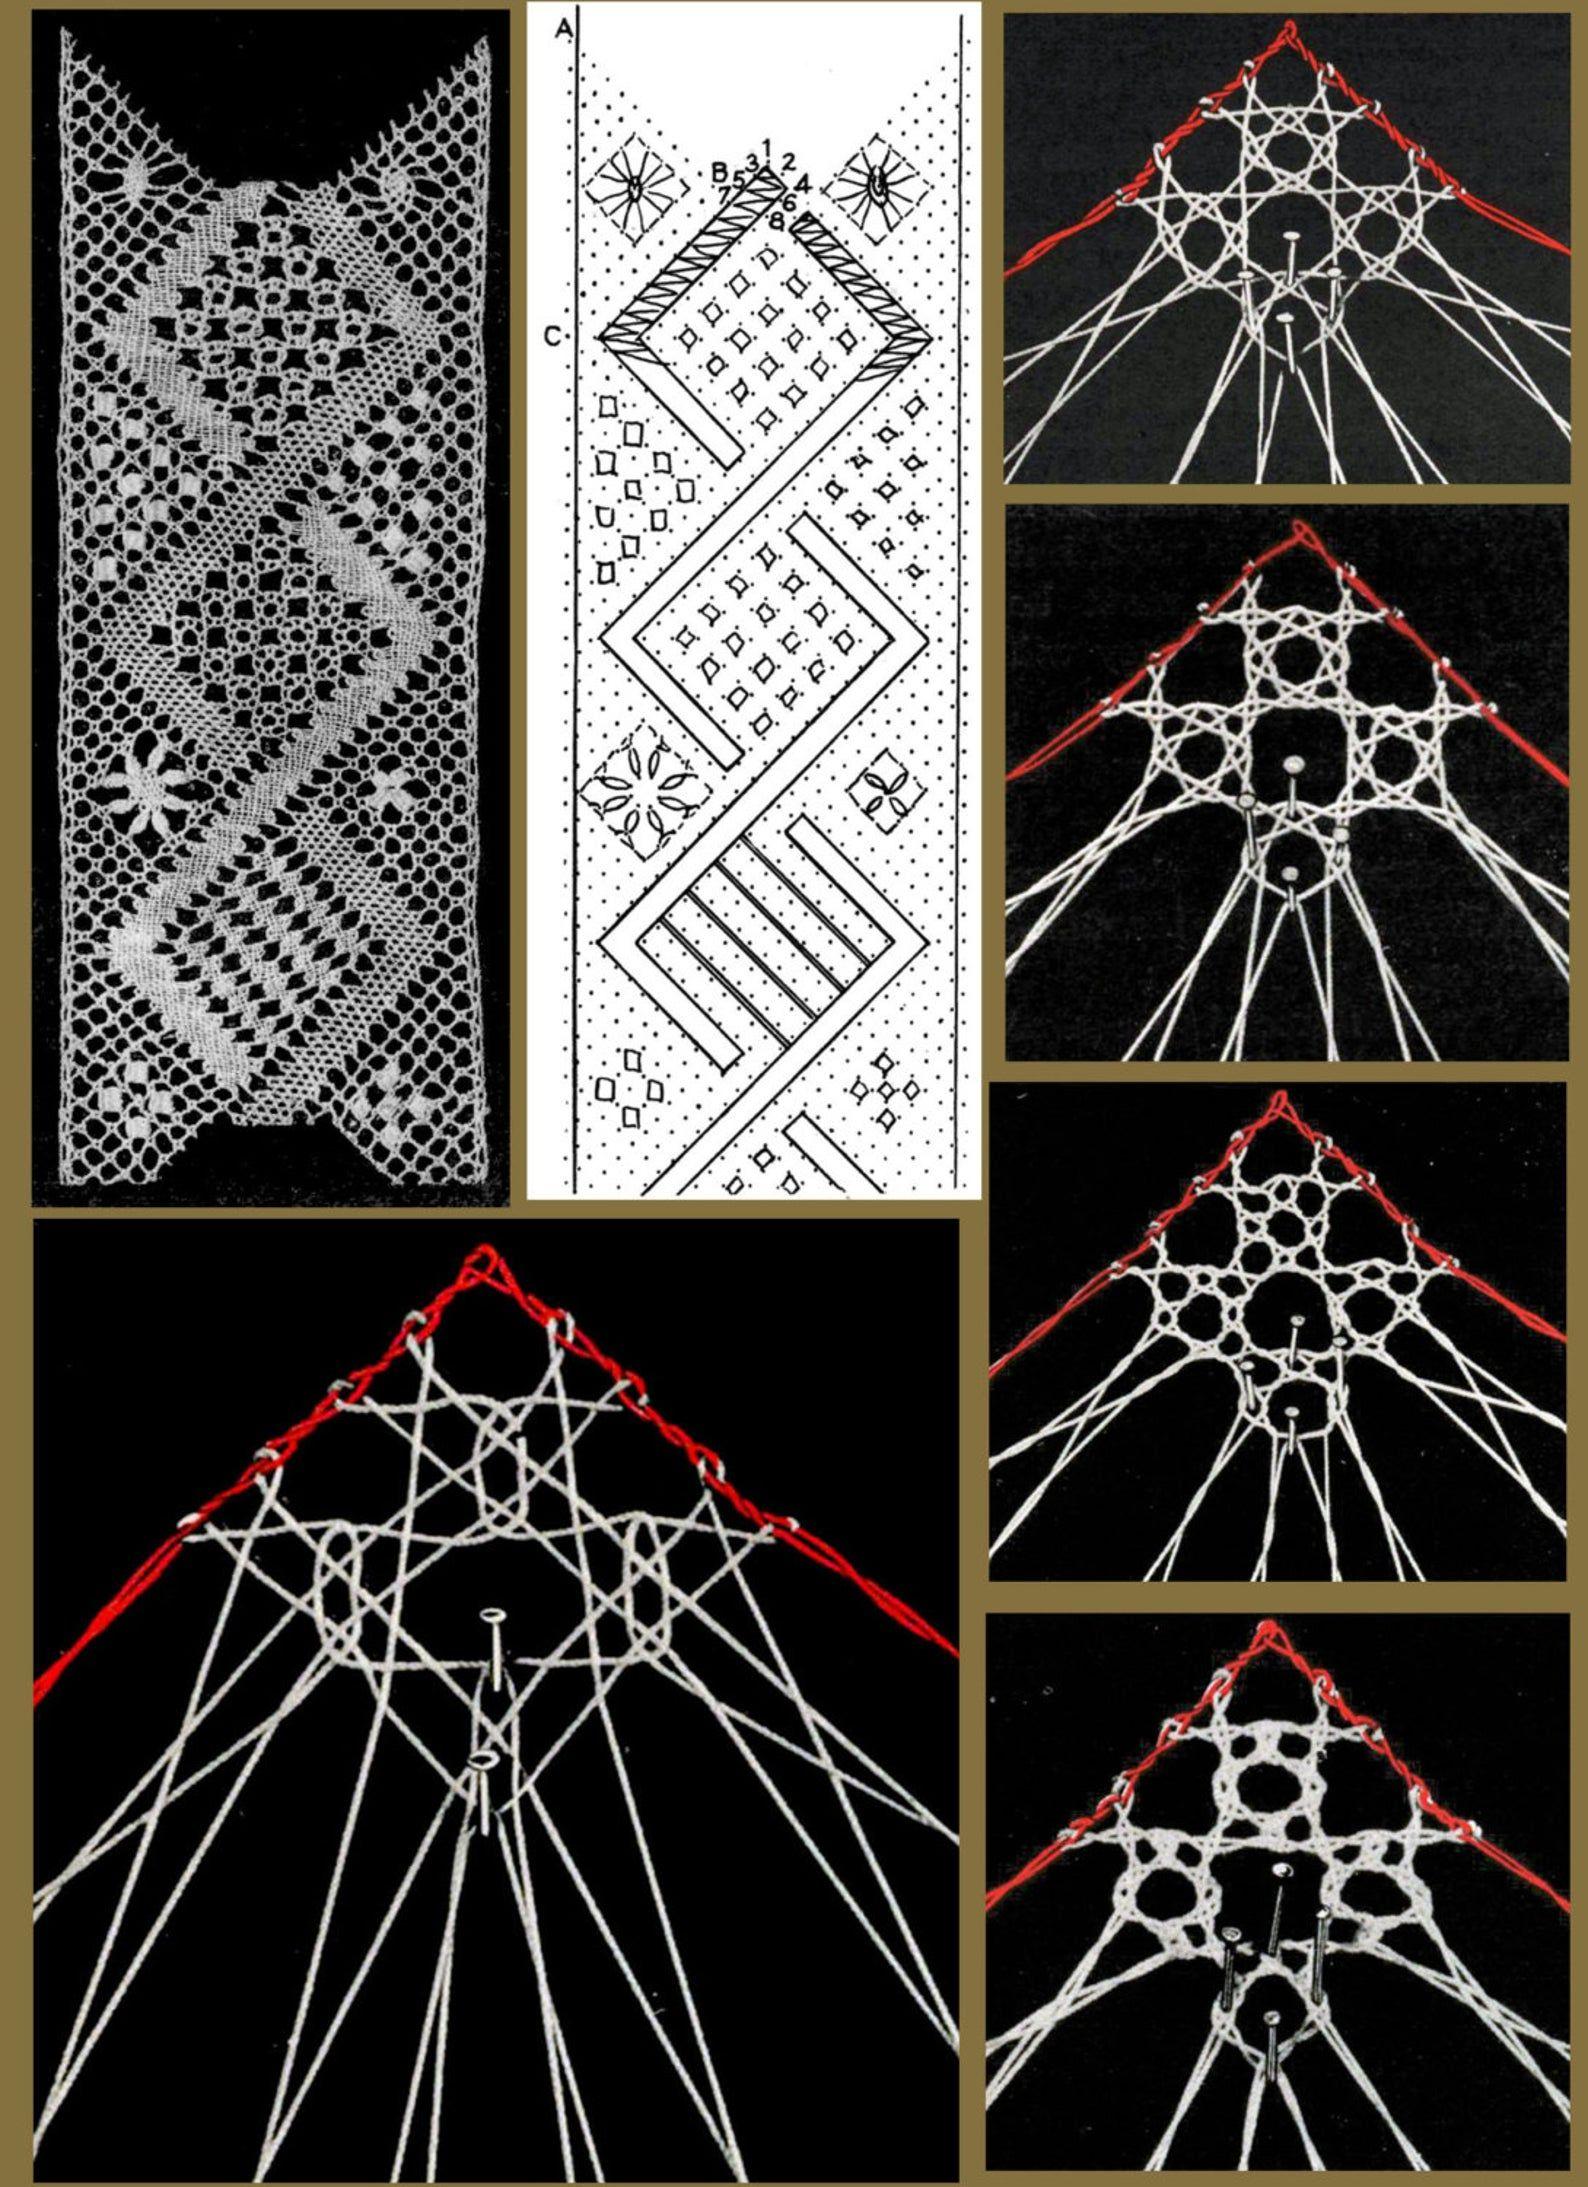 Manuale di pizzo a tombolo fatto mano c.1931 di Margaret Maidment - Vintage Lace Pillow istruzioni libro riproduzione